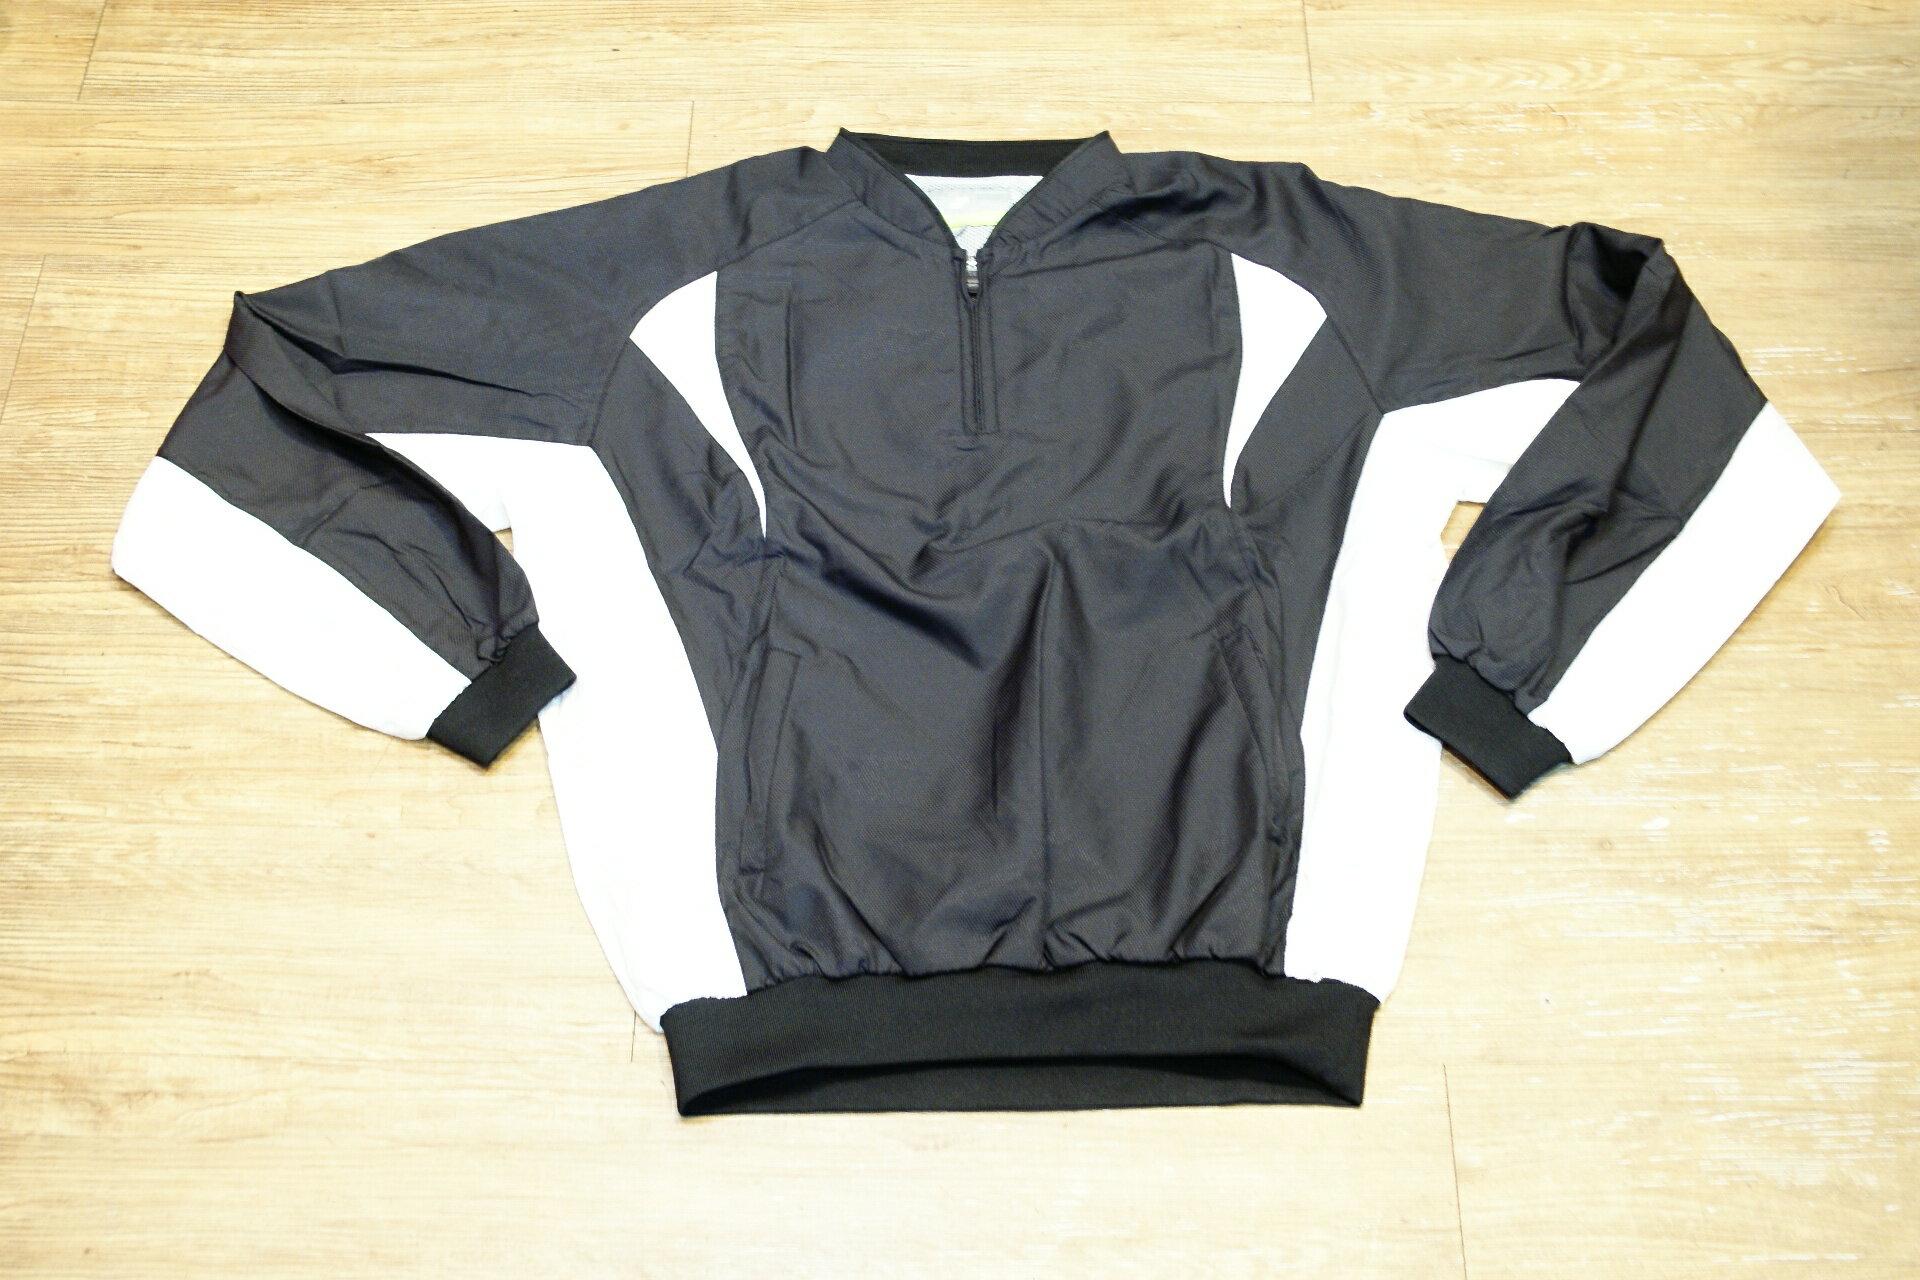 棒球世界全新SSK日本進口高質感長袖風衣 黑色特價